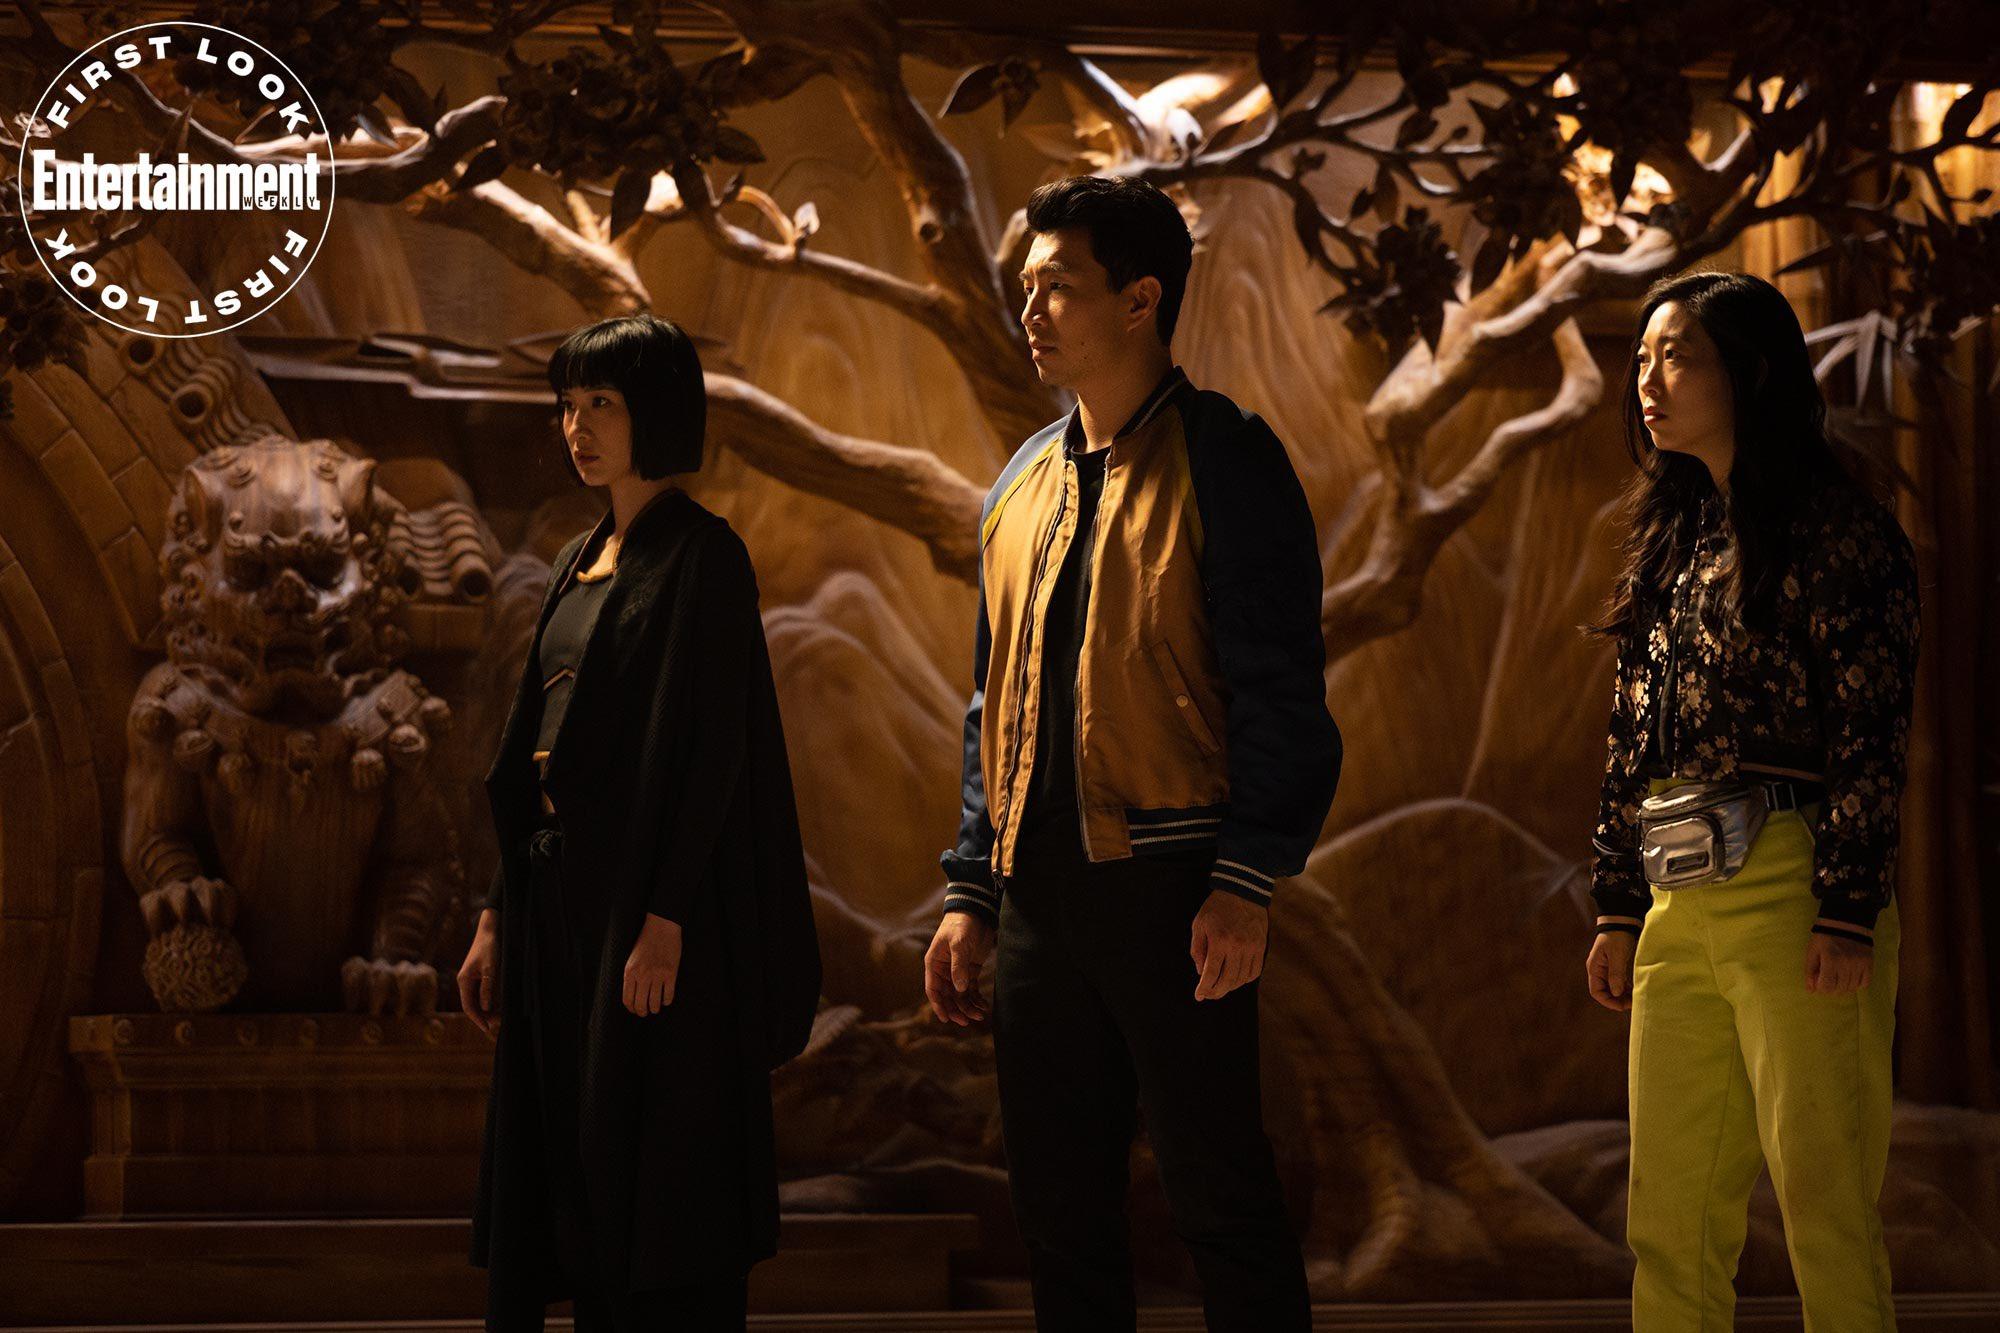 Shang-Chi será um marco de representação asiática, promete elenco do filme da Marvel